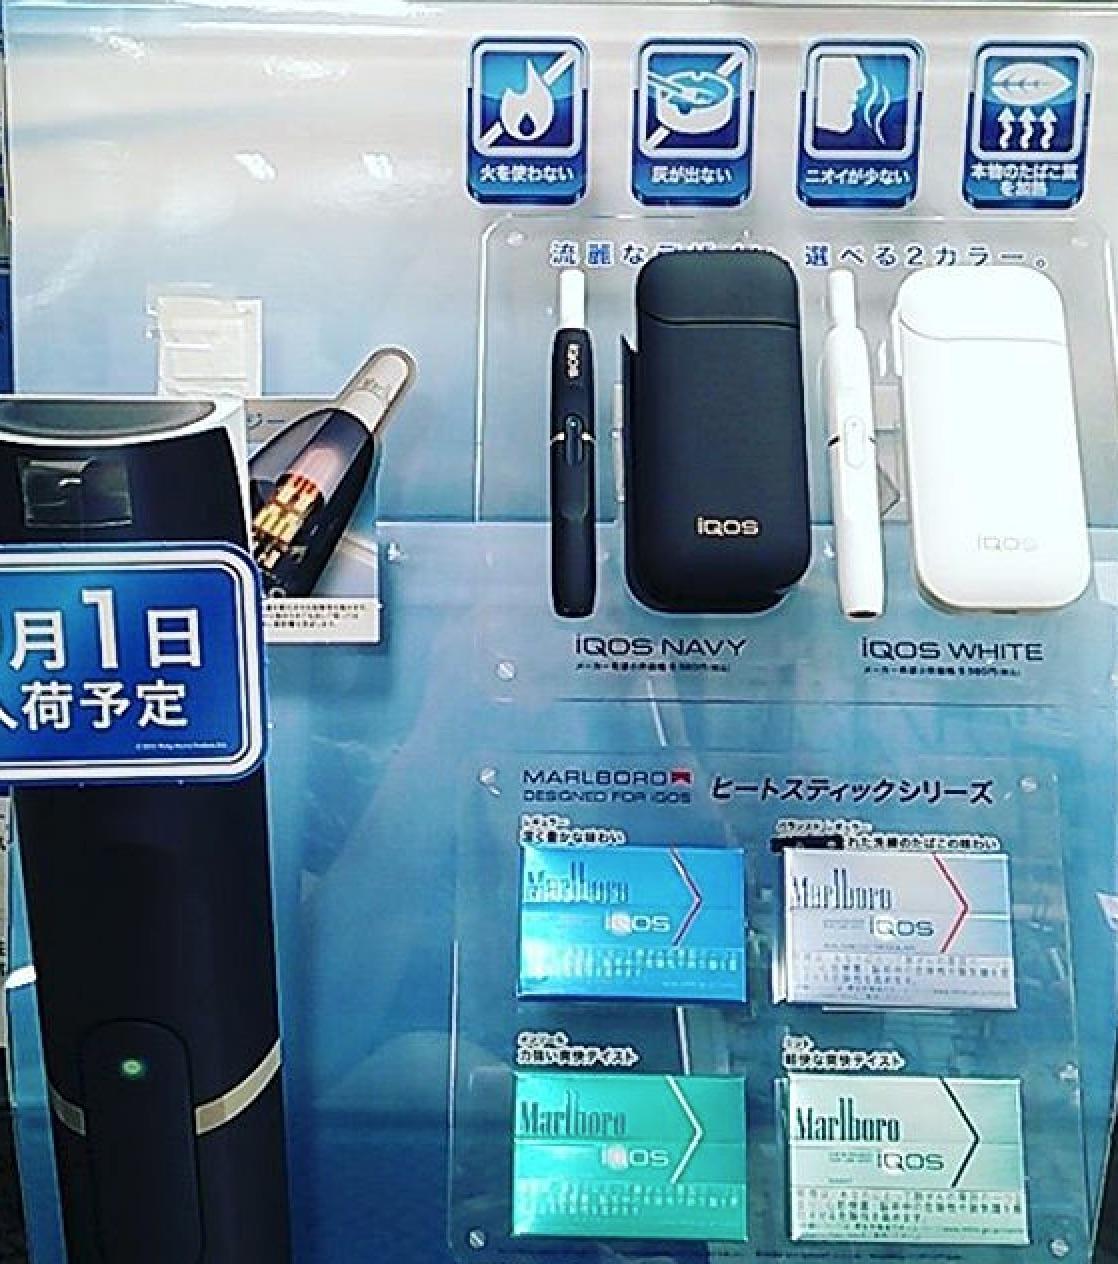 Japon : L'iQOS commercialisé sur tout le territoire